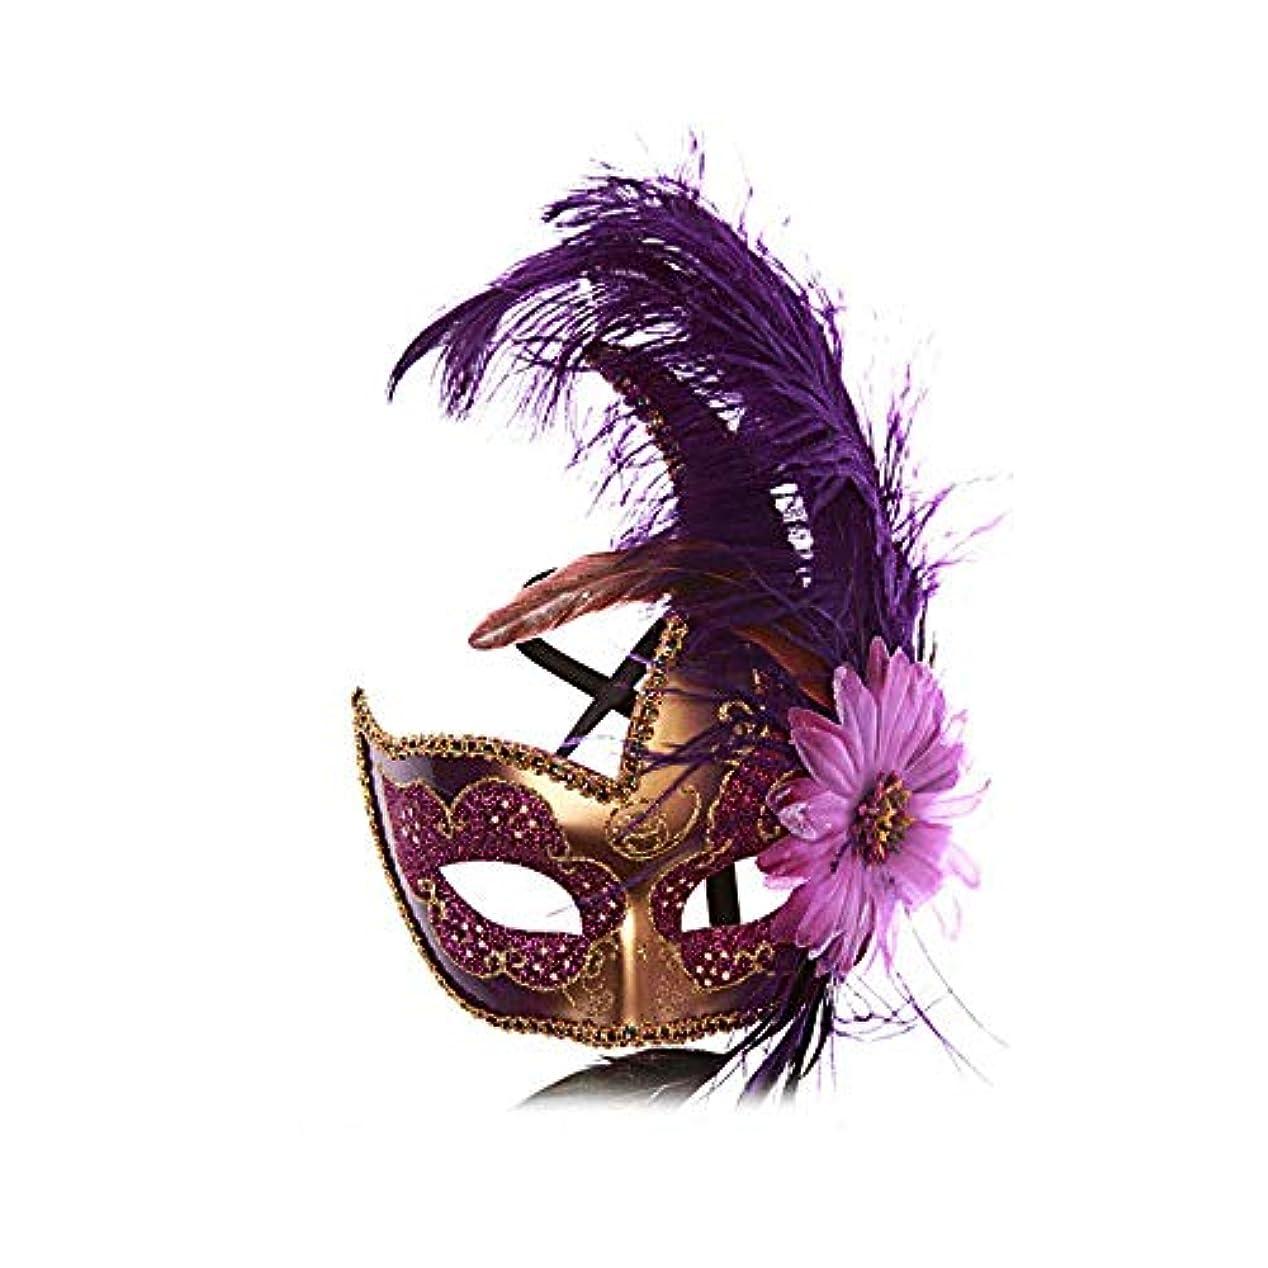 詩人誰の彼女自身Nanle ハロウィンマスクハーフフェザーマスクベニスプリンセスマスク美容レース仮面ライダーコスプレ (色 : Style B purple)